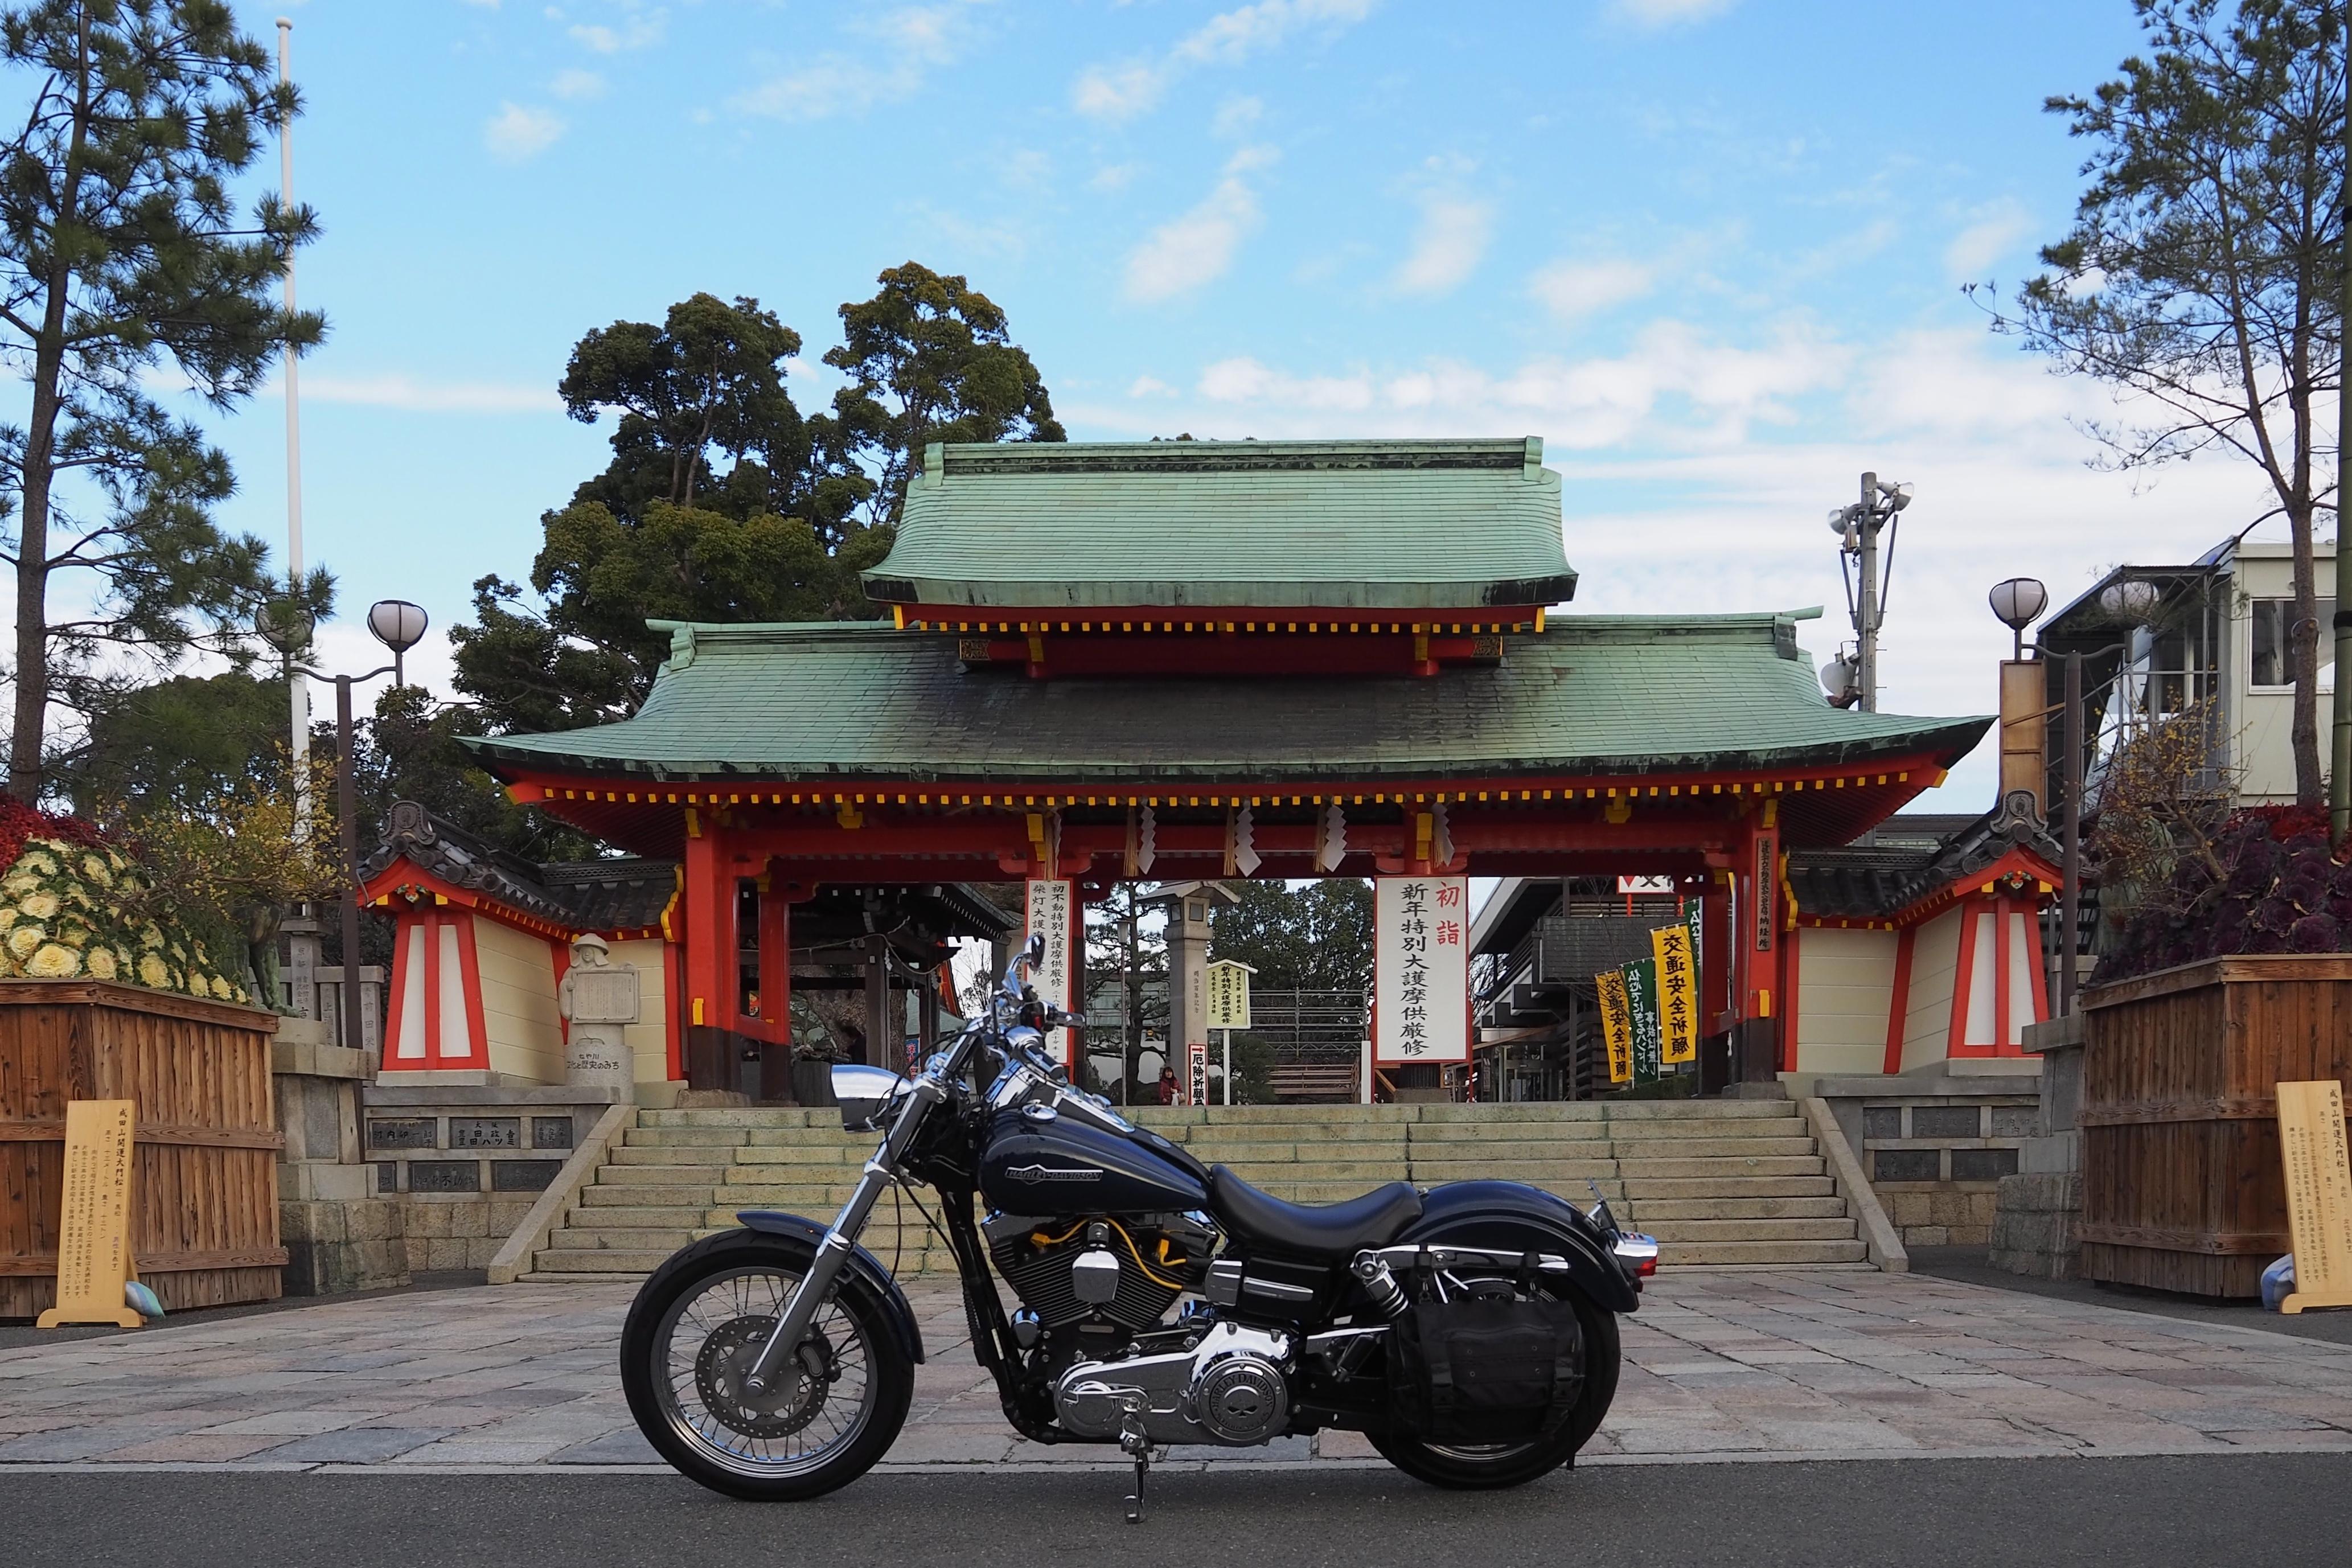 harleydavidson-motorcycle-touring-blog-naritasan-shrine-entrance.jpg